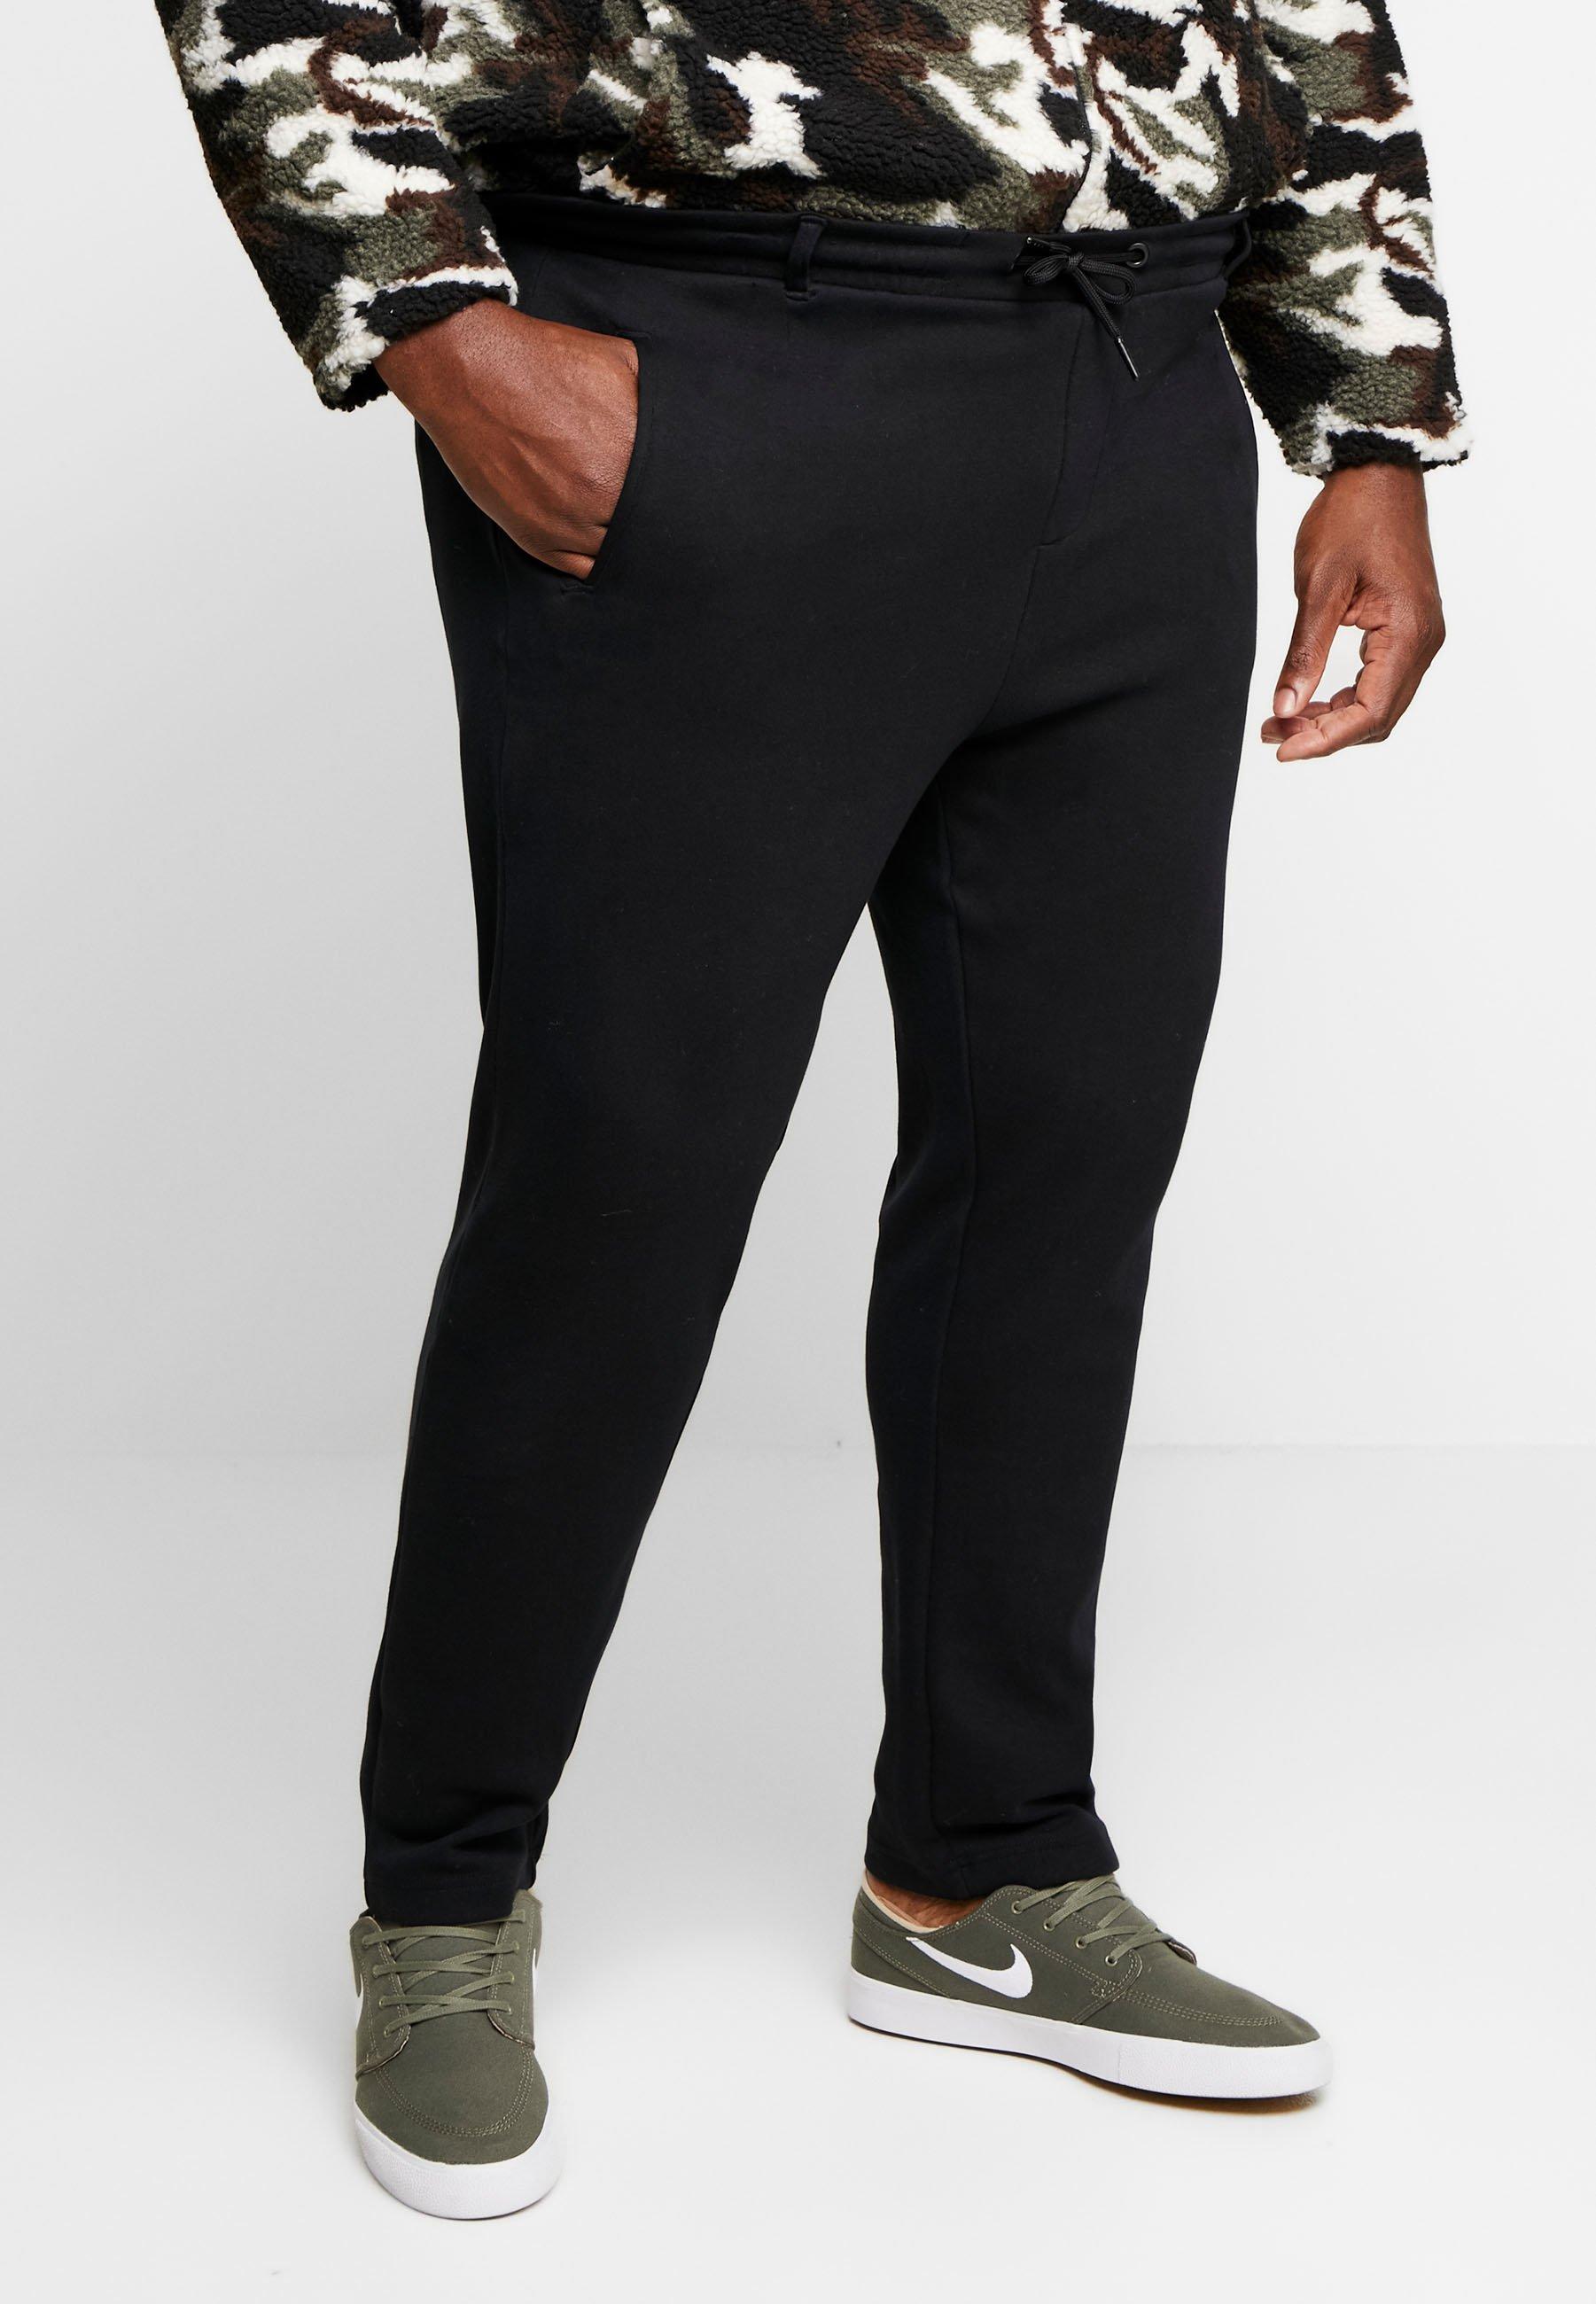 Homme FORMULA CROPPED PEACHEDINTERLOCK PANTS - Pantalon classique